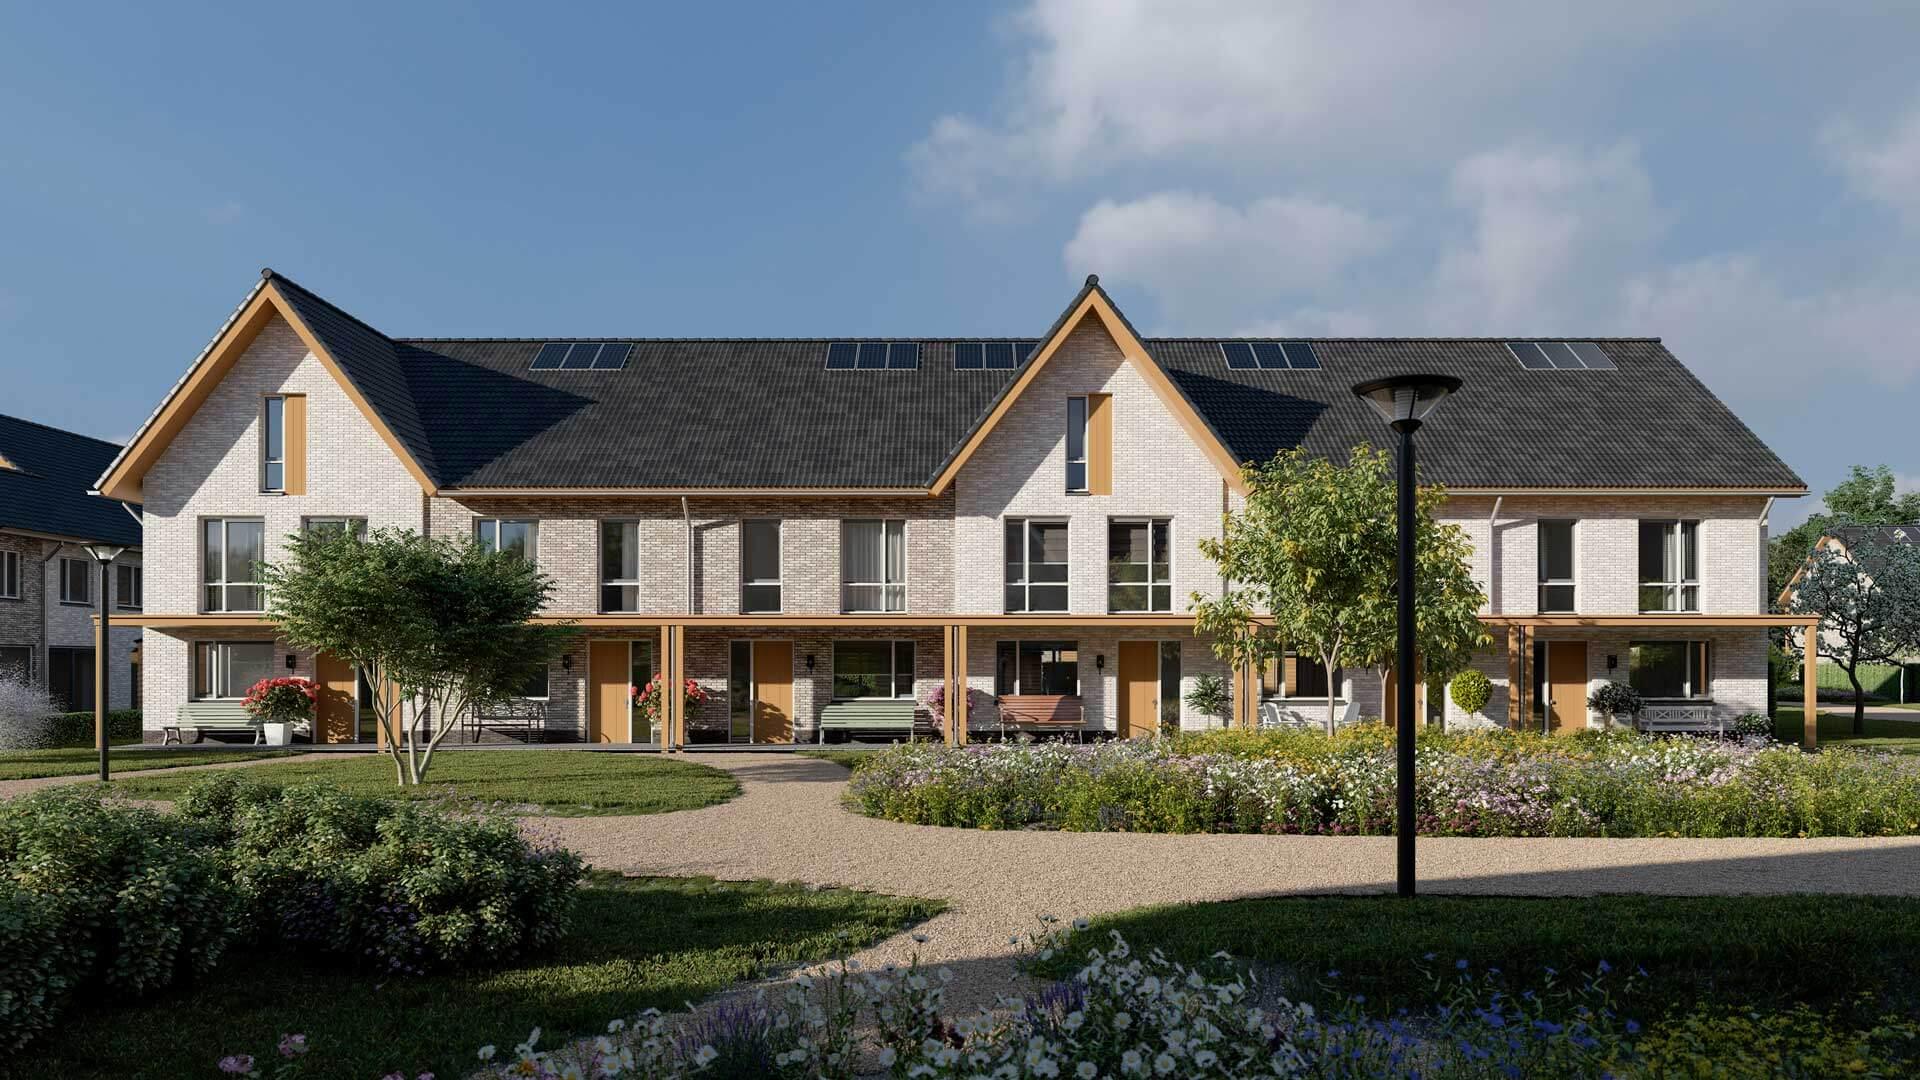 Nieuwbouw-Tiel-Kop-van-Waal-eengezinswoning